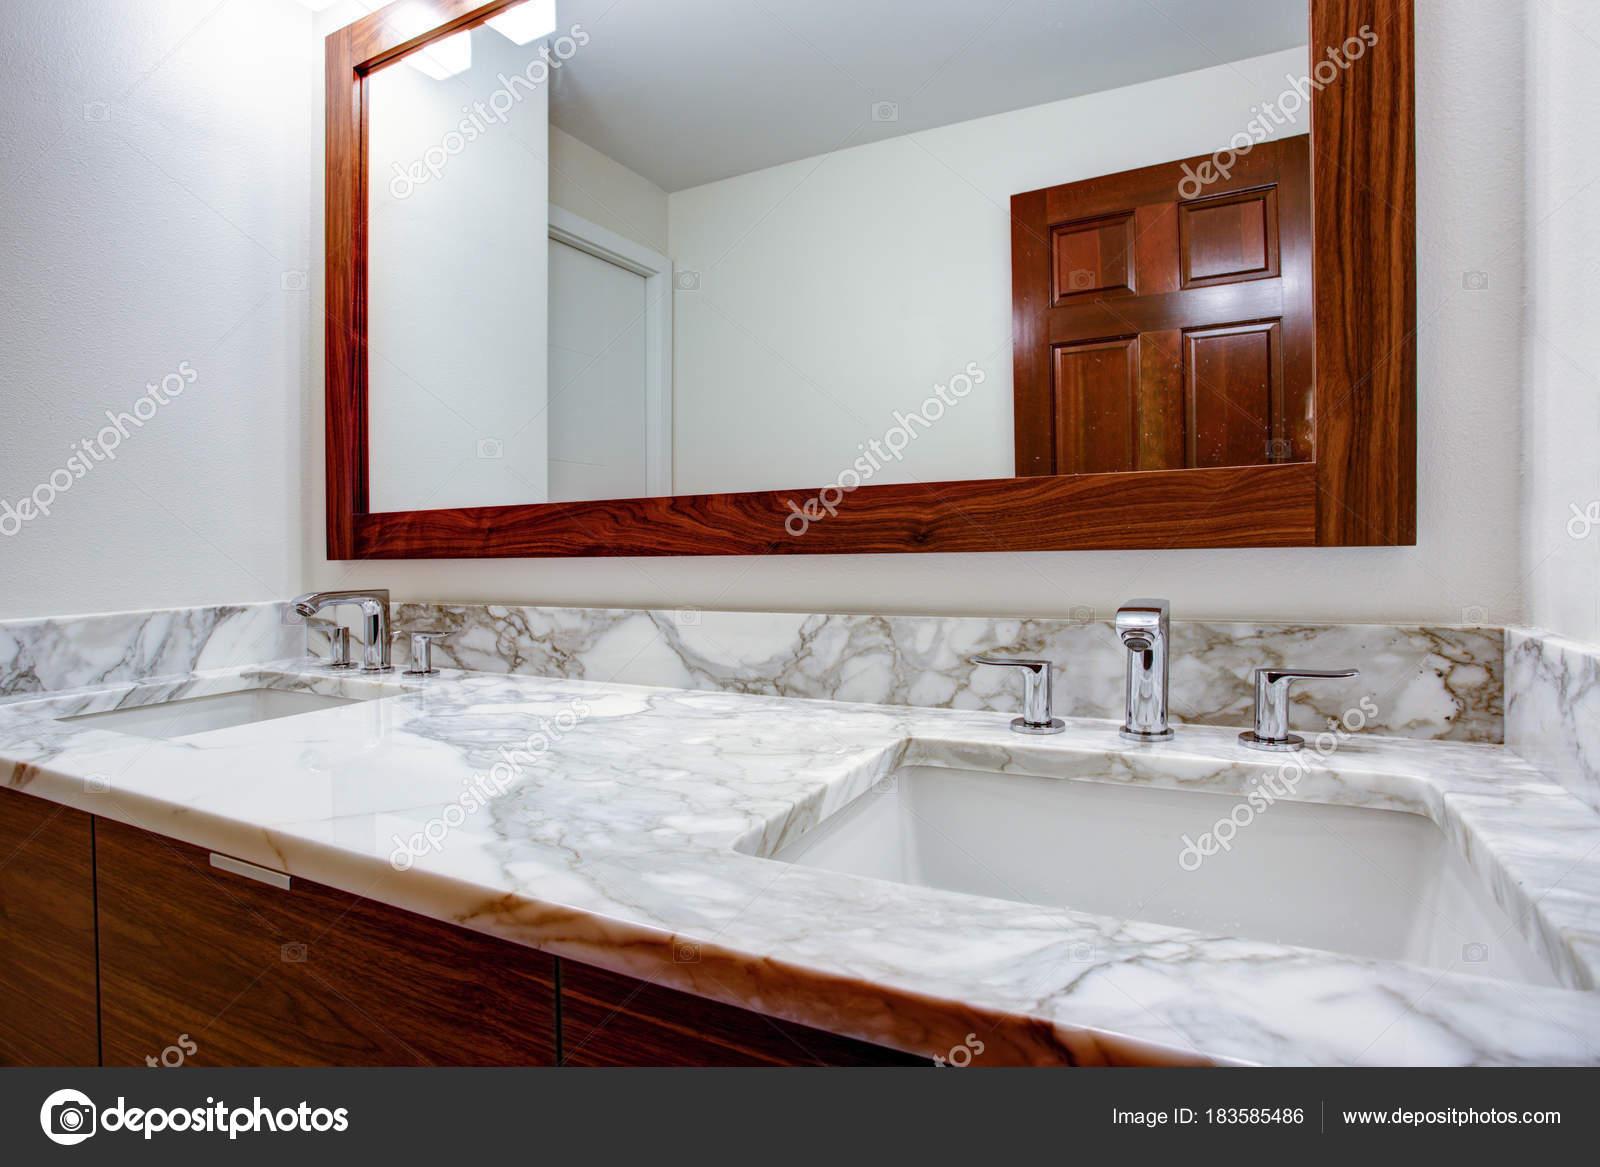 Wunderbar Elegante Badezimmer Verfügt über Doppelte Badezimmer Schrank Eitelkeit Mit  Weißen Grauen Marmor Arbeitsplatte Und Weißes Rechteck Unterbau Waschbecken  ...